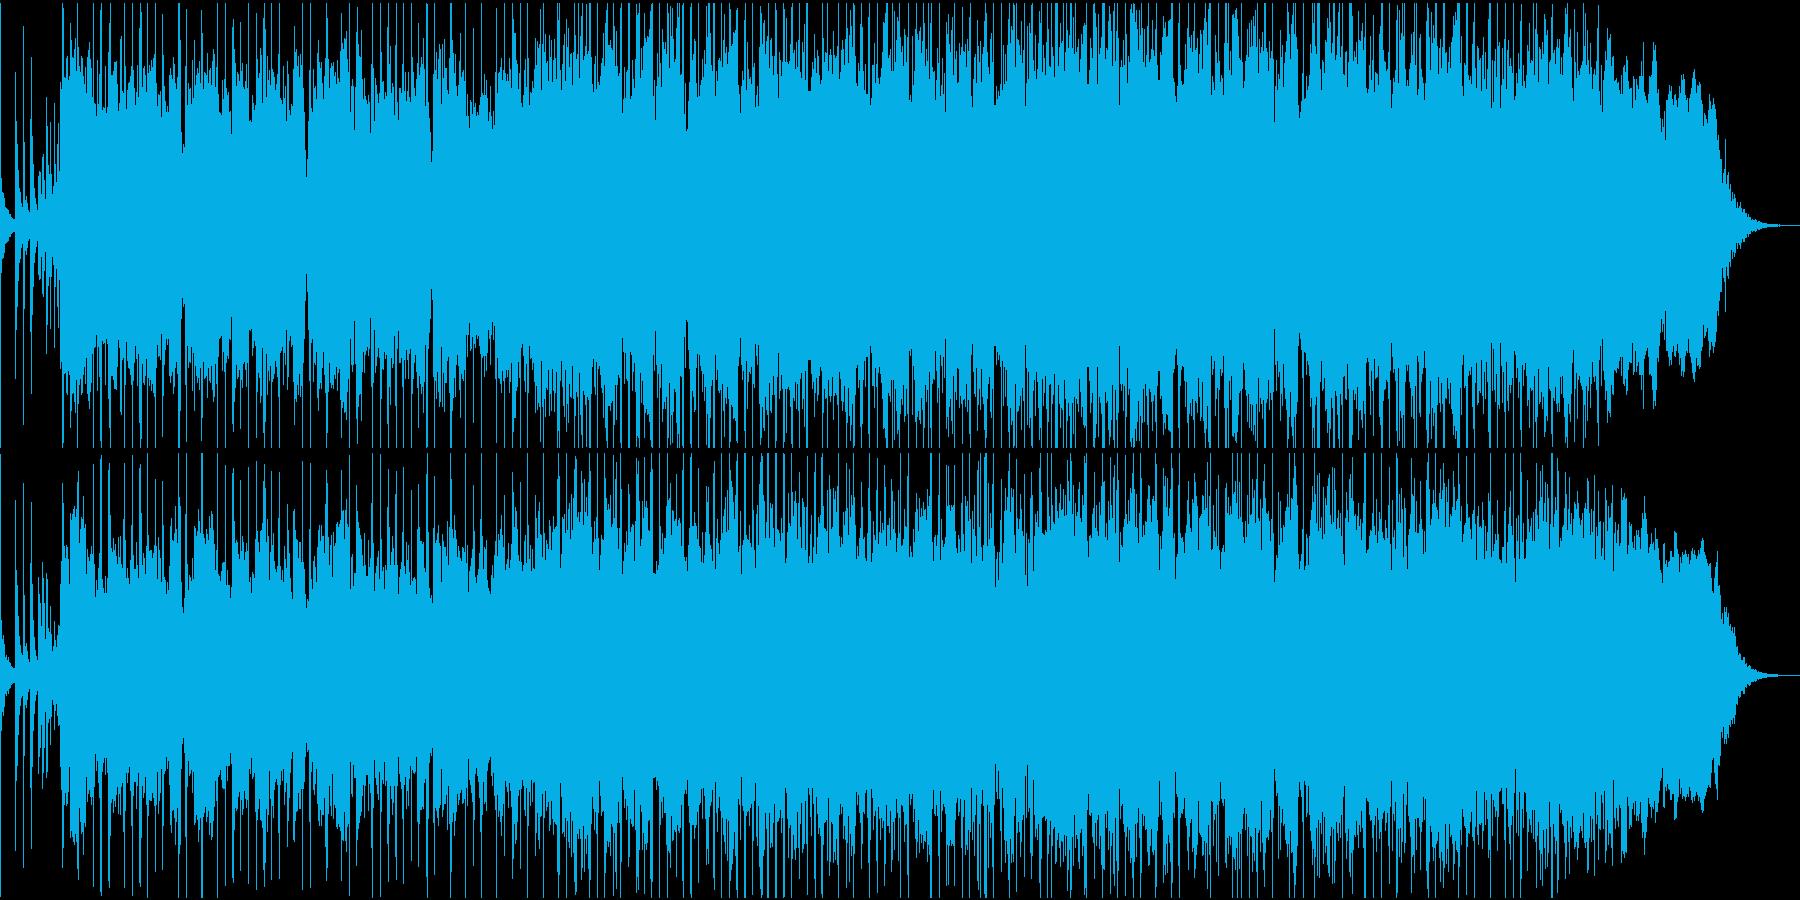 勢いのあるパンクロックの曲の再生済みの波形